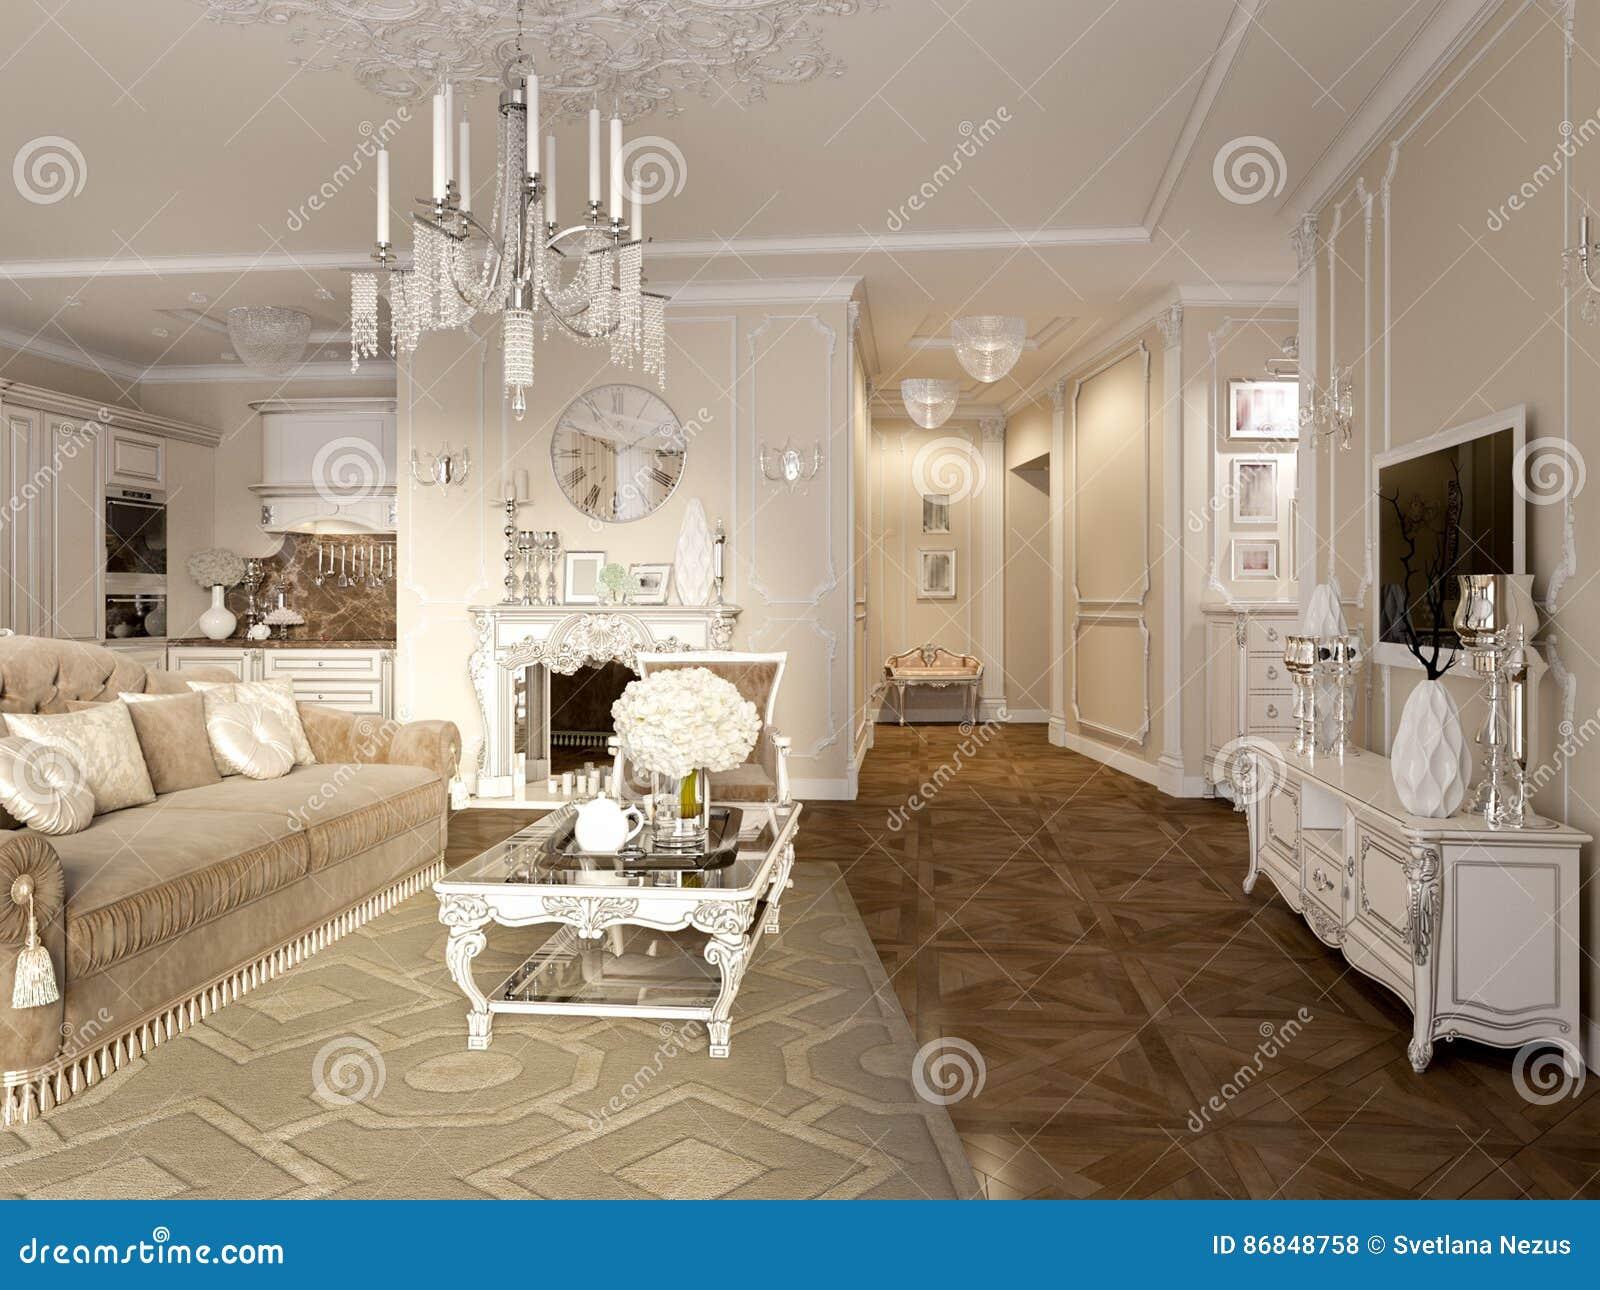 Lampe Salon Salle À Manger intérieur classique de luxe de salle à manger, de cuisine et